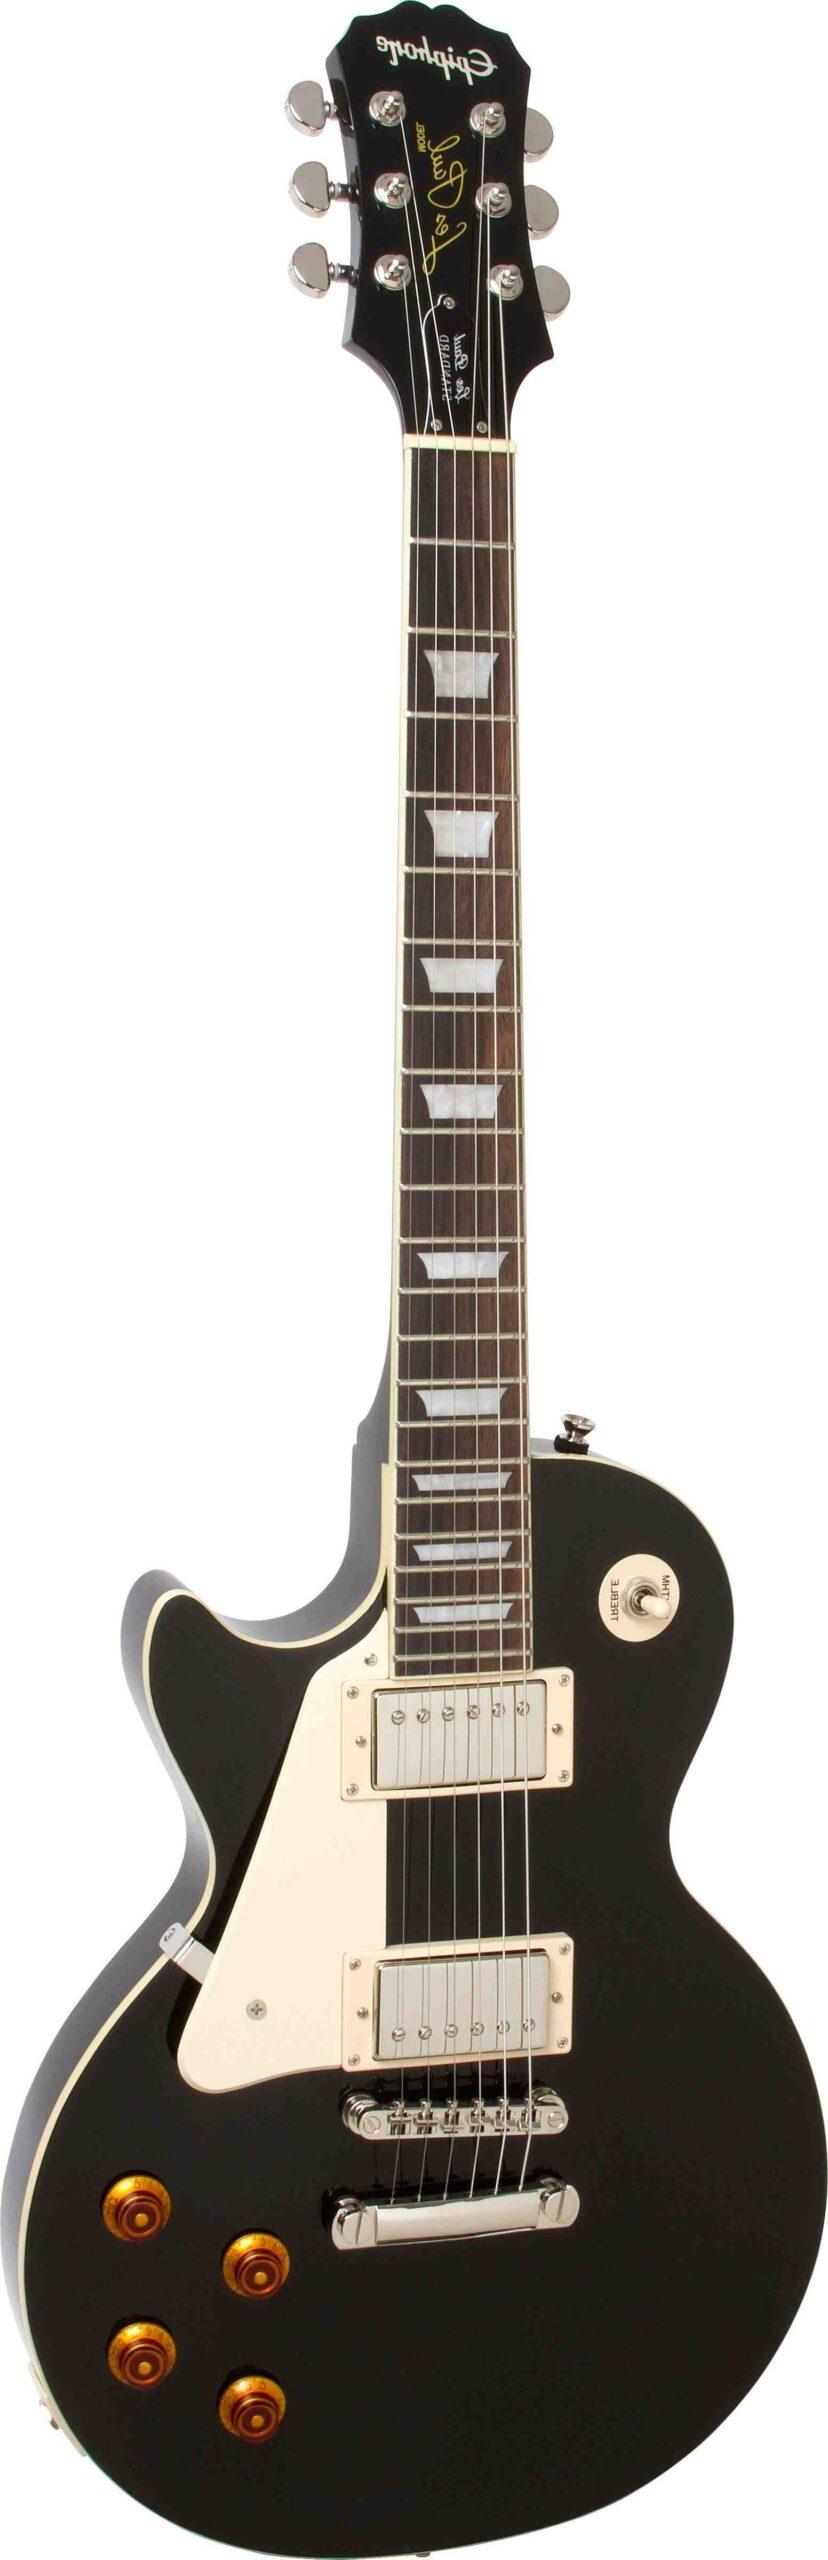 Quelle guitare électrique pour niveau intermédiaire ?